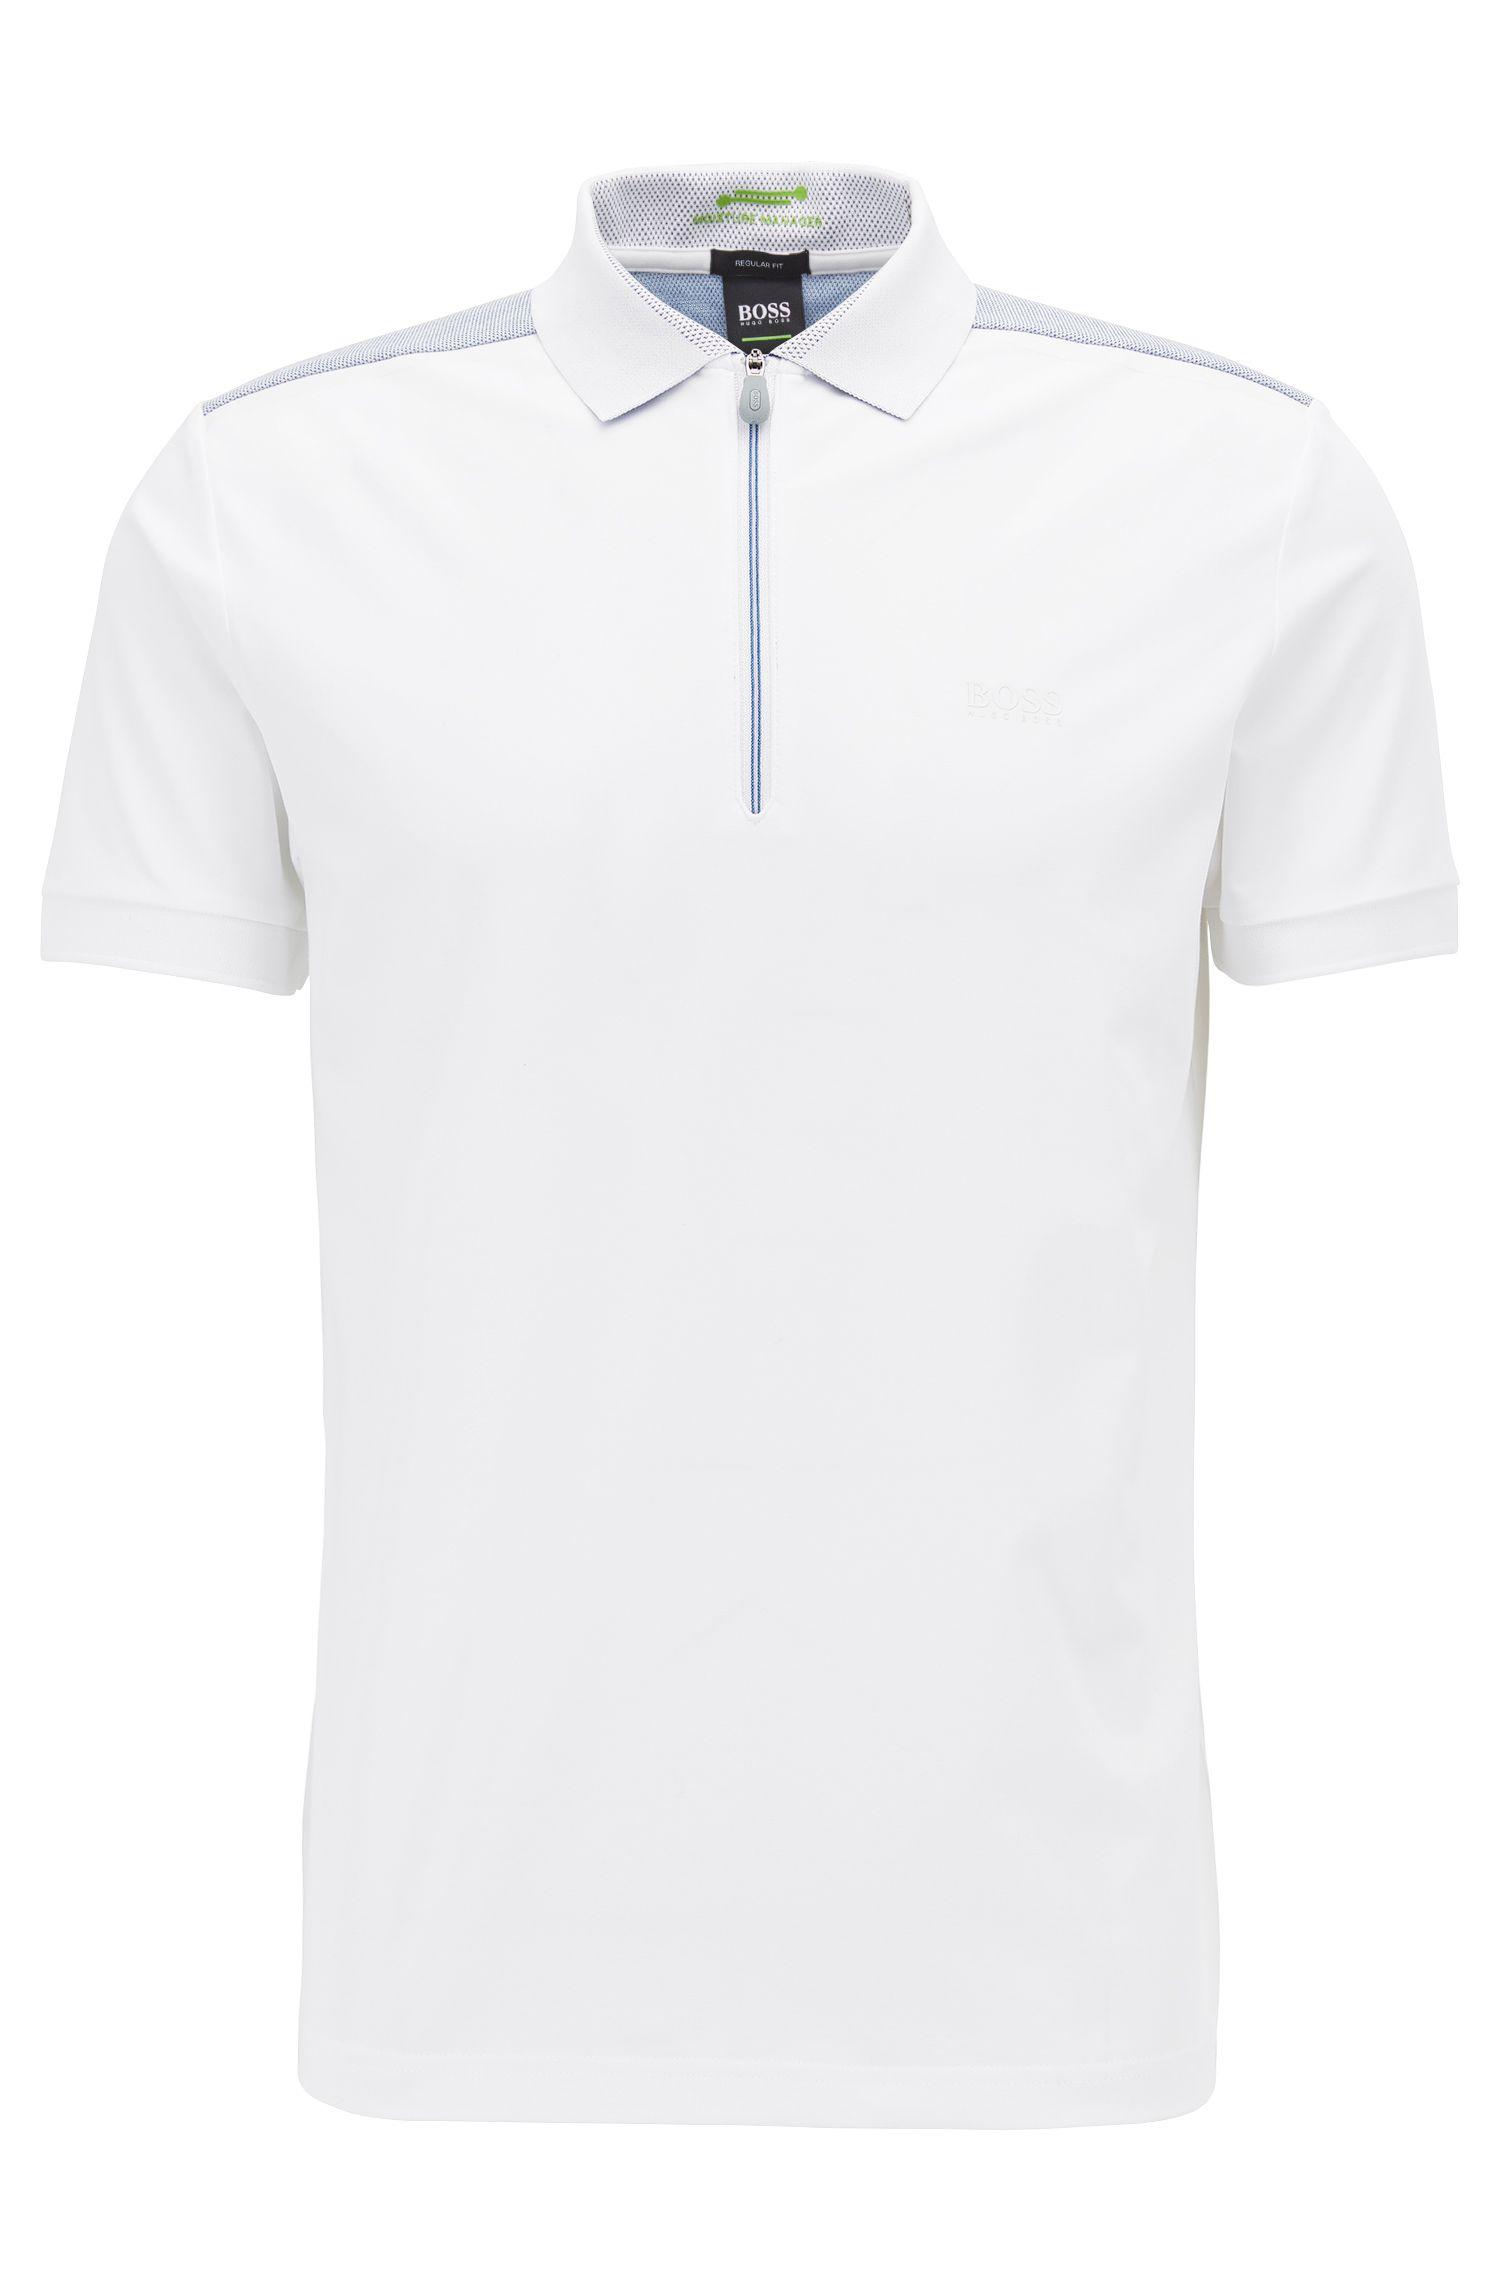 Poloshirt aus Stretch-Jersey mit Reißverschluss